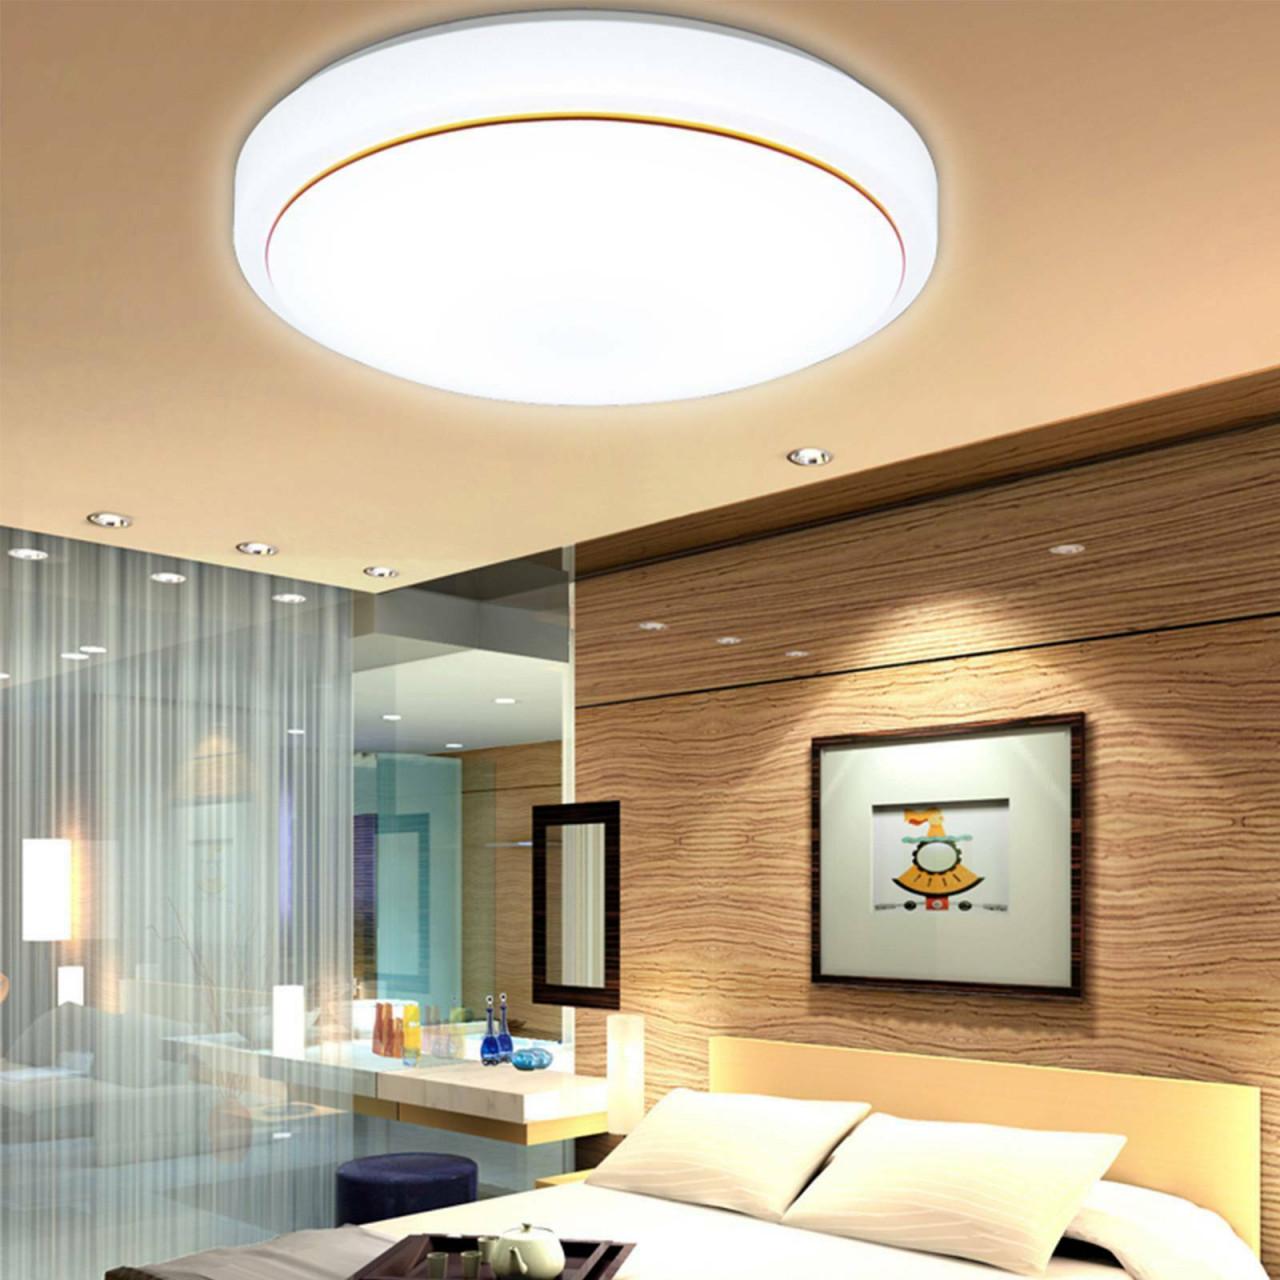 36W Led Deckenlampe Deckenleuchte Wohnzimmer Küchen Lampe Küche 40Cm Runde  Licht von Wohnzimmer Lampe Led Photo